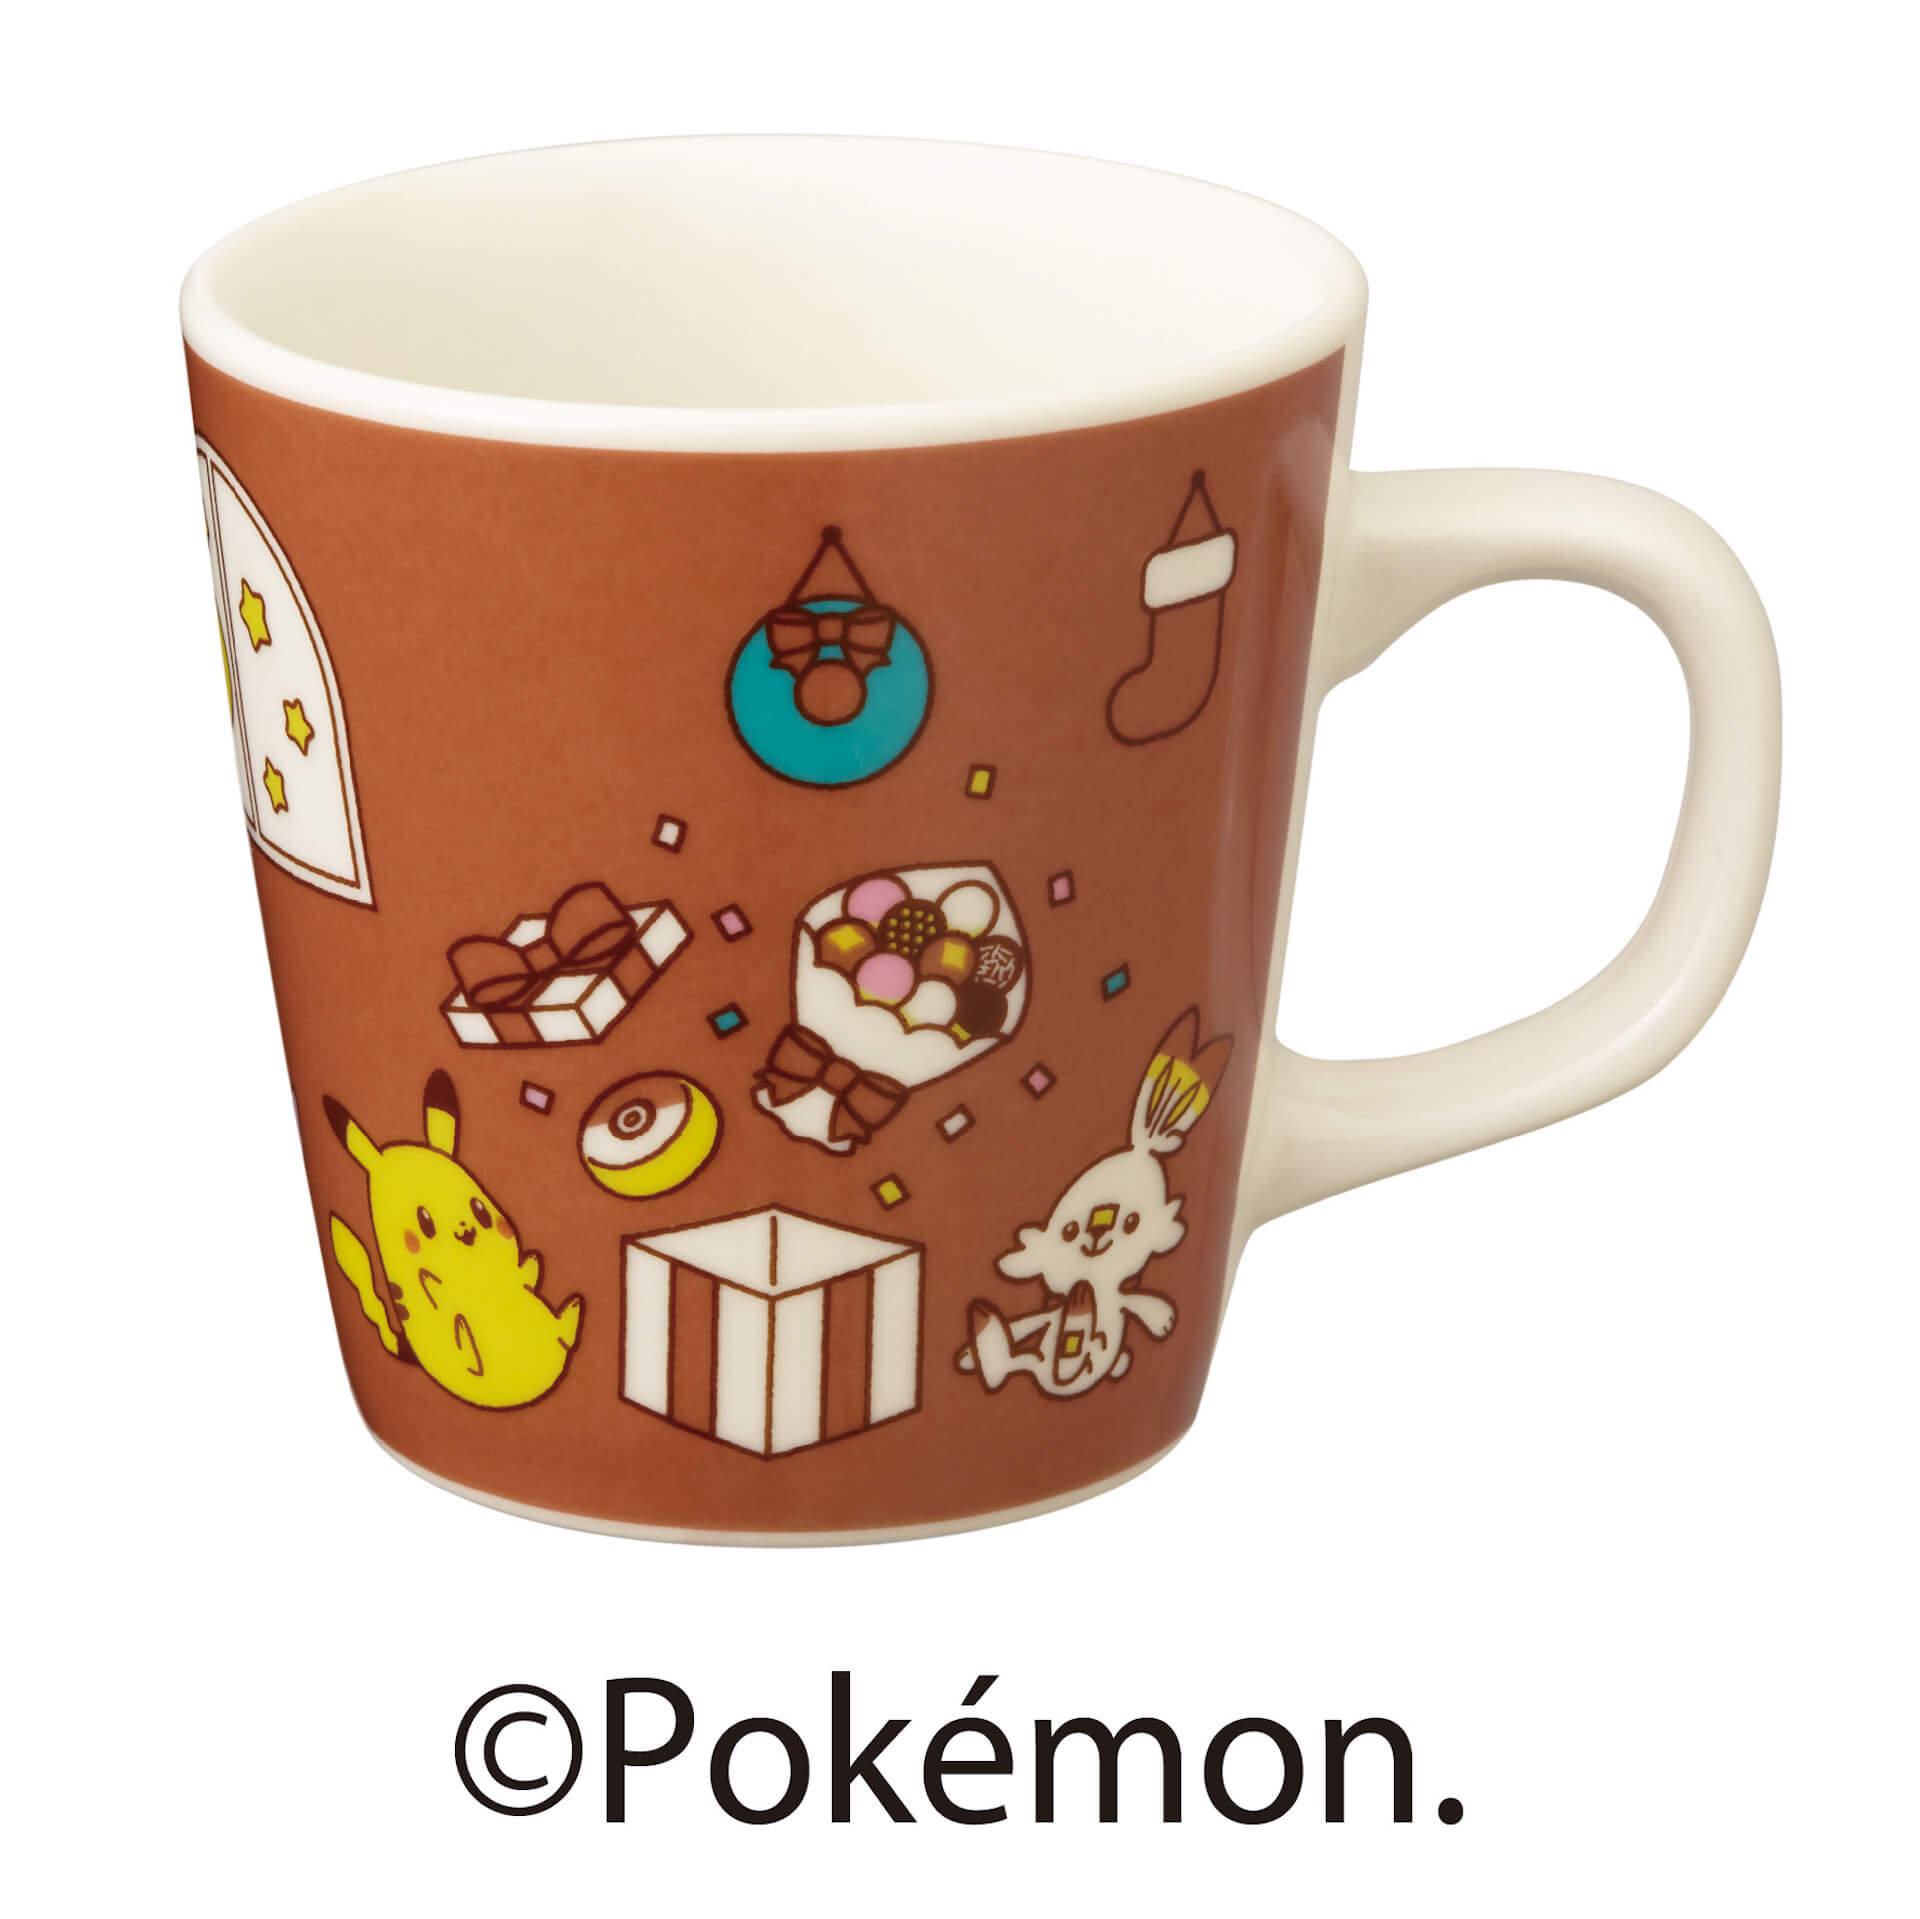 ミスドとポケモンのコラボドーナツ&グッズがついに解禁!ピカチュウ、ラッキーがドーナツに gourmet201105_misdo_pokemon_2